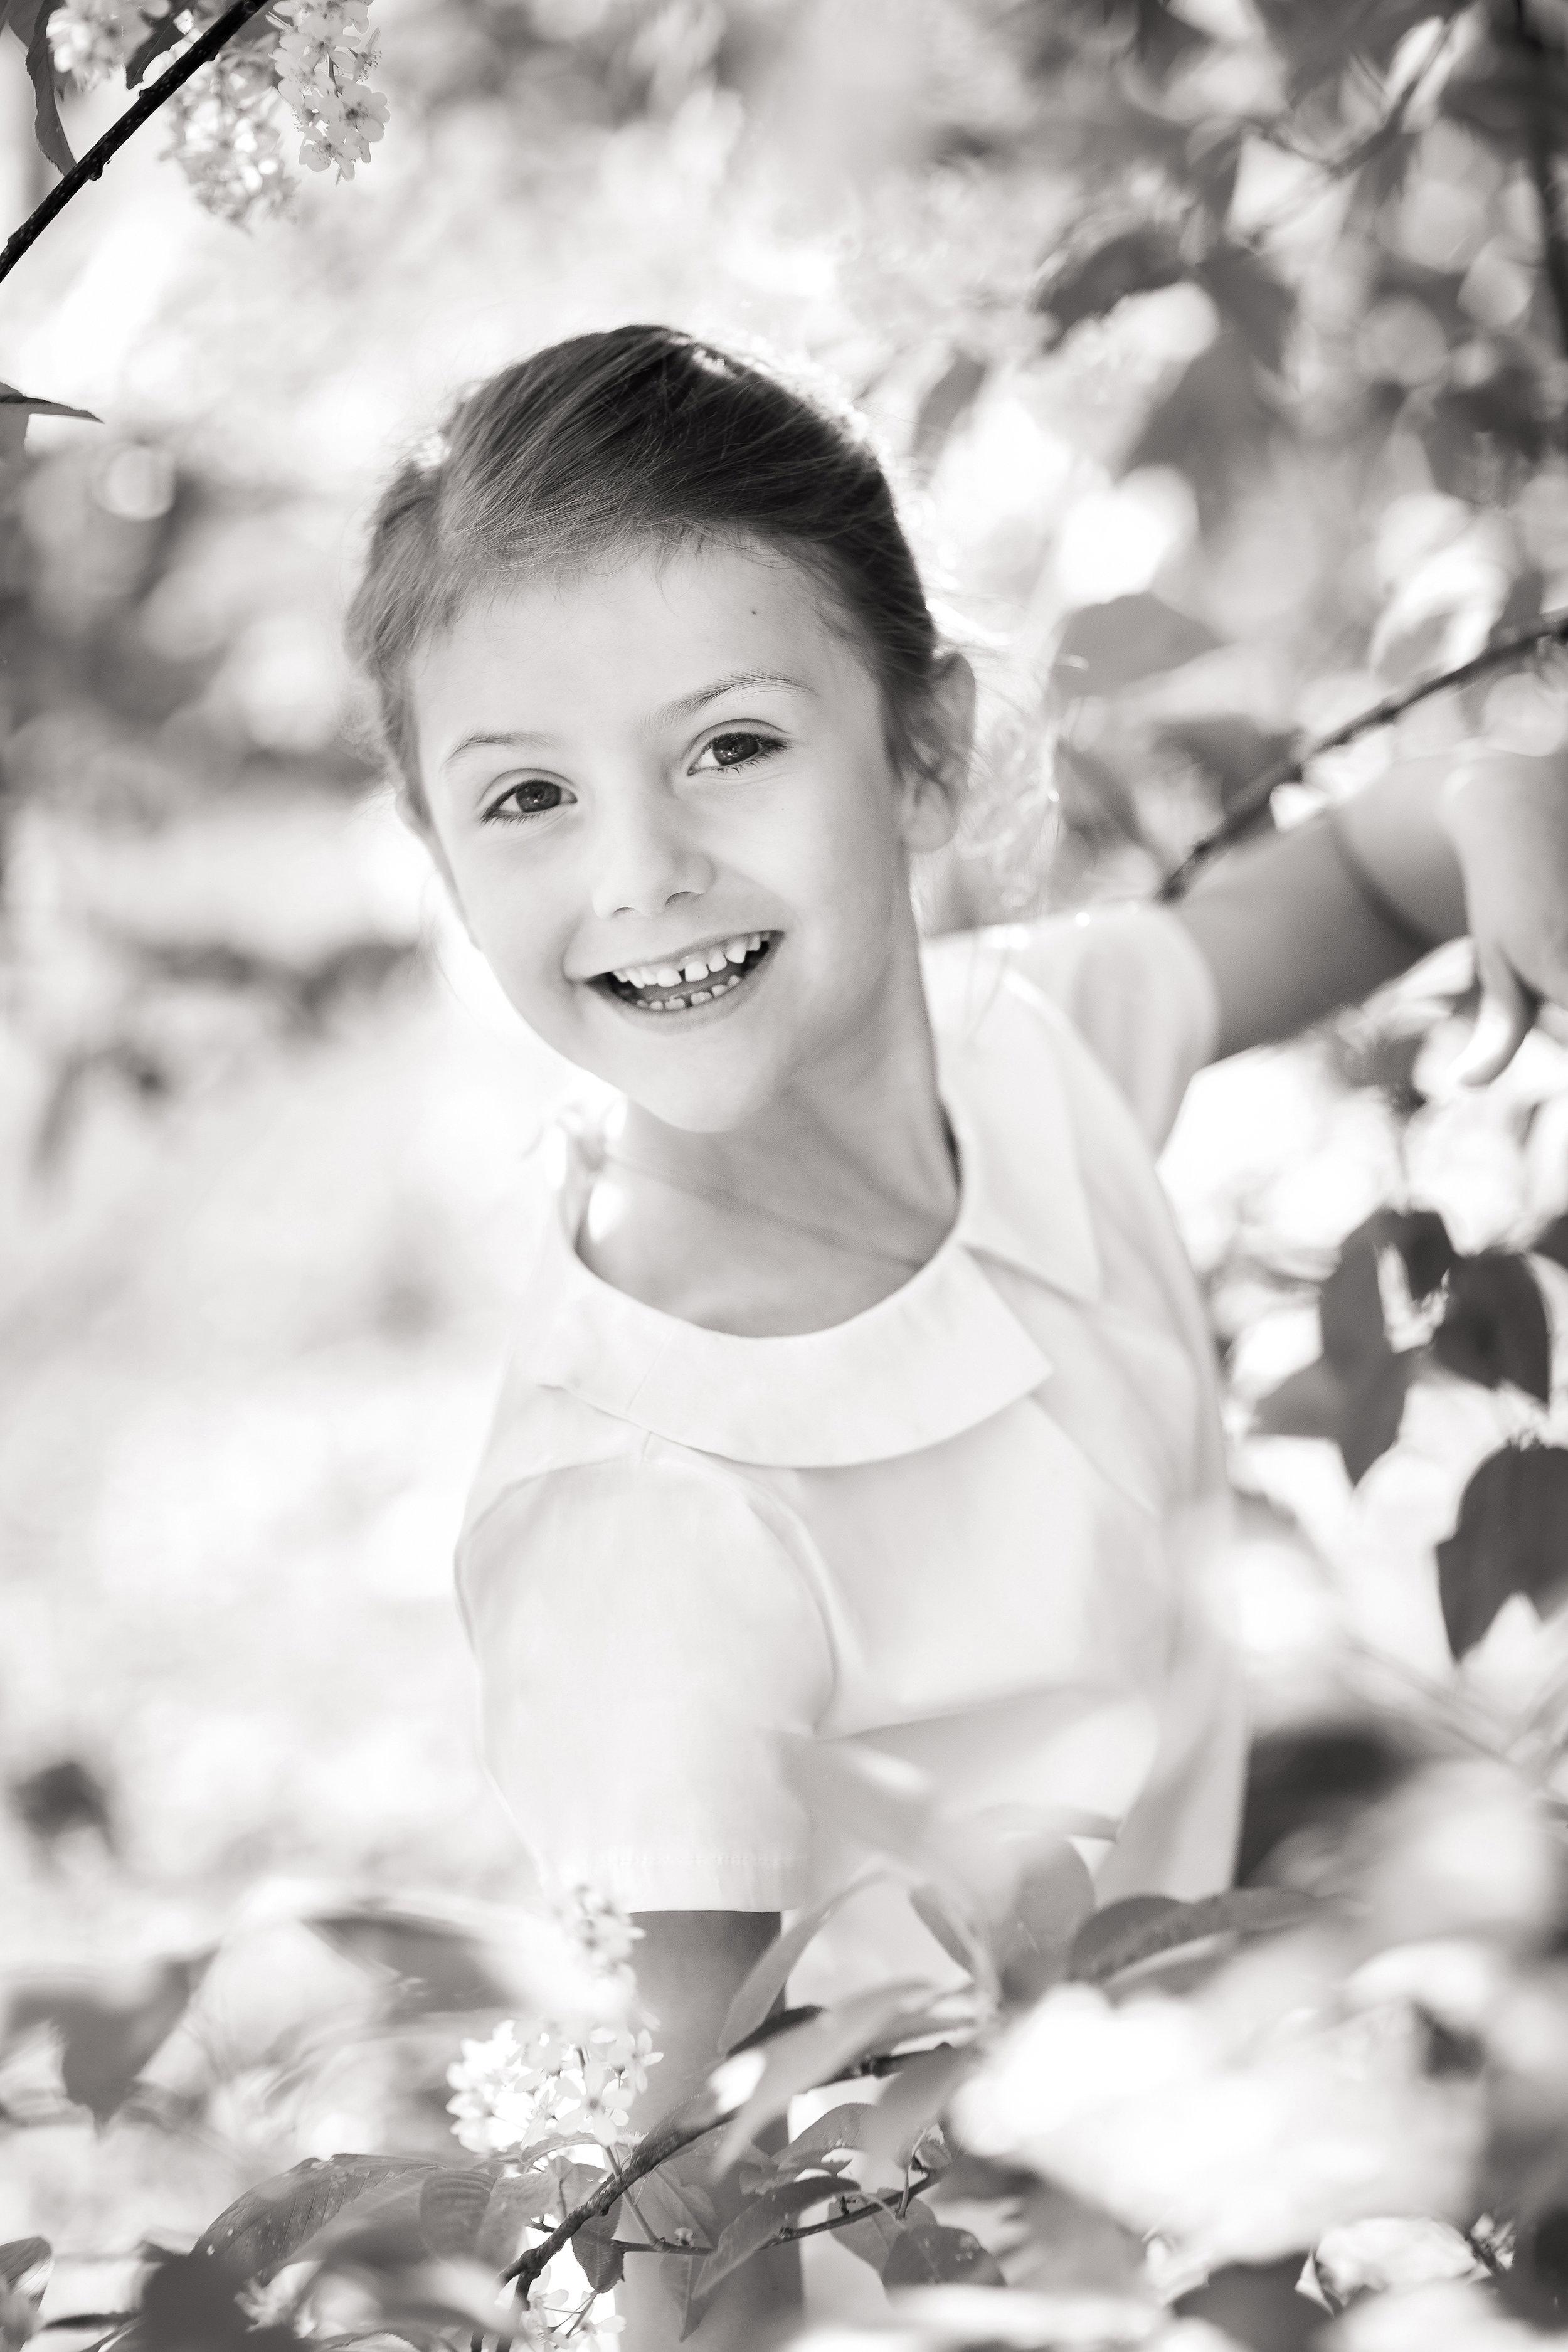 Estelle zeigt ihre süßen Zahnlücken. Schade, dass zwei Fotos in schwarz-weiß veröffentlicht wurden.  ©Linda Broström/Kungahuset.se